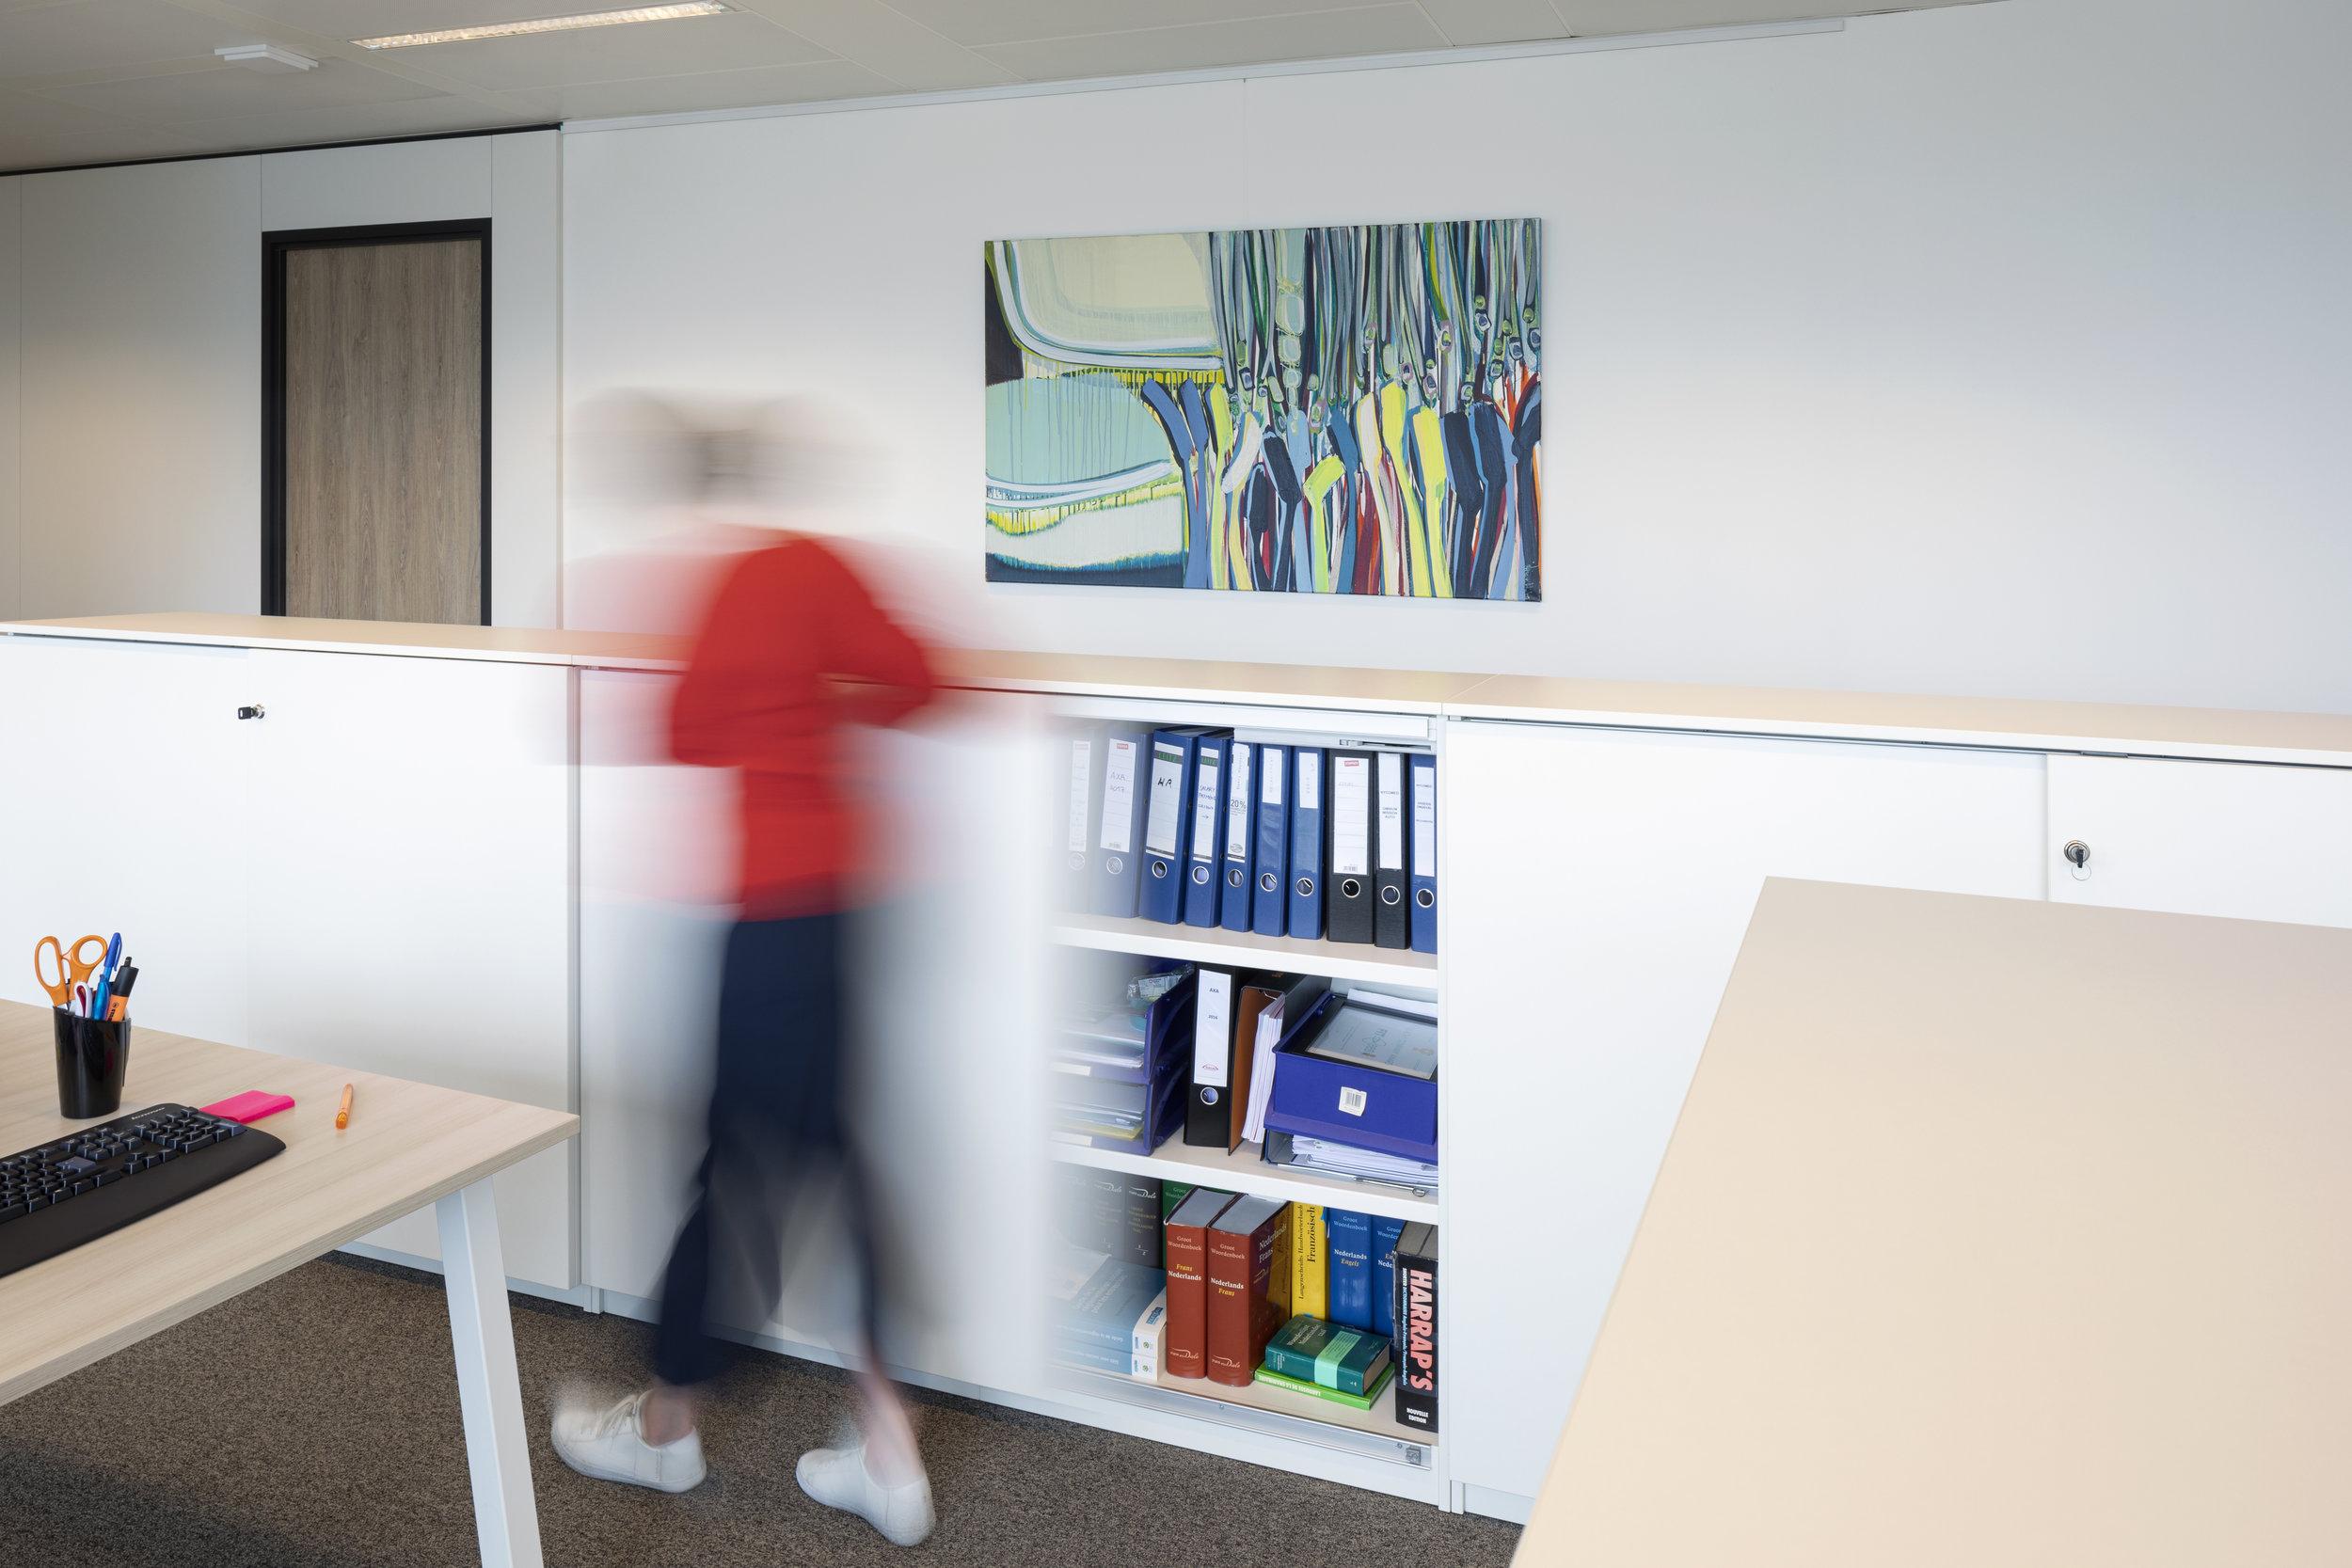 Medewerkers motiveren? - Kunst op kantoor maakt je werknemers vitaler, gelukkiger en zorgt voor een prettige werkomgeving waarin ze optimaal kunnen presteren. Wij laten het je graag zien in een gratis kennismakingsgesprek waarin je een goed beeld krijgt van onze werkwijze, uitgebreide collectie en de mogelijkheden.